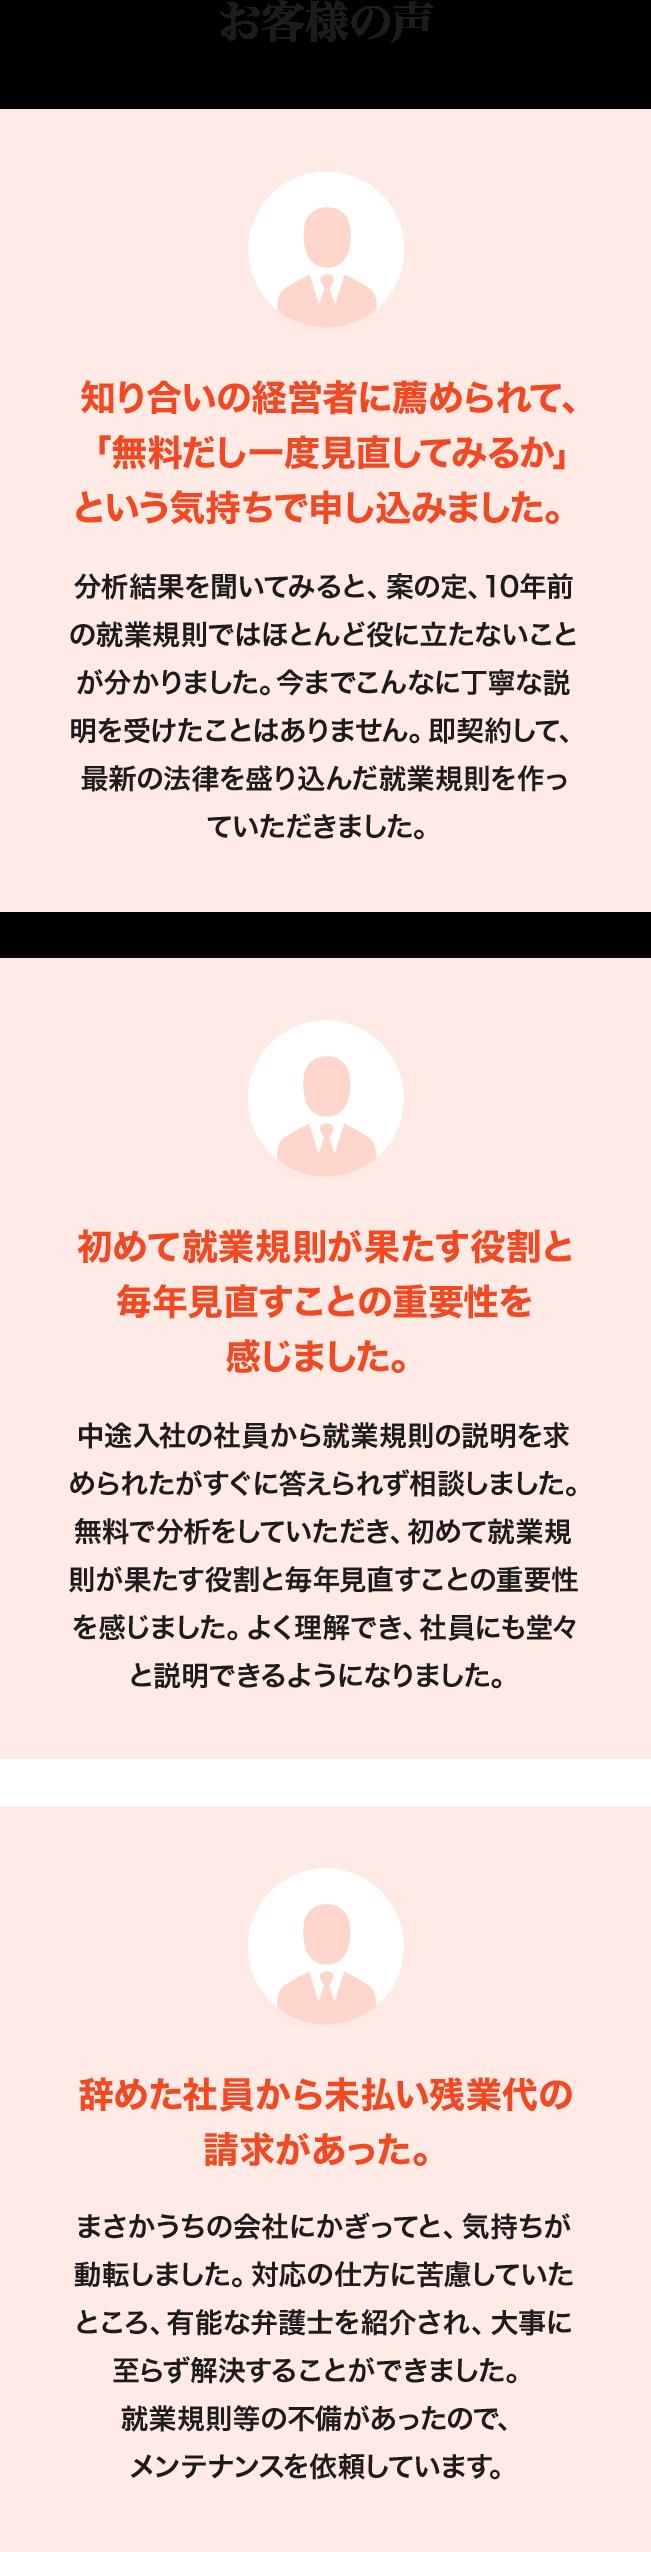 voice_sp